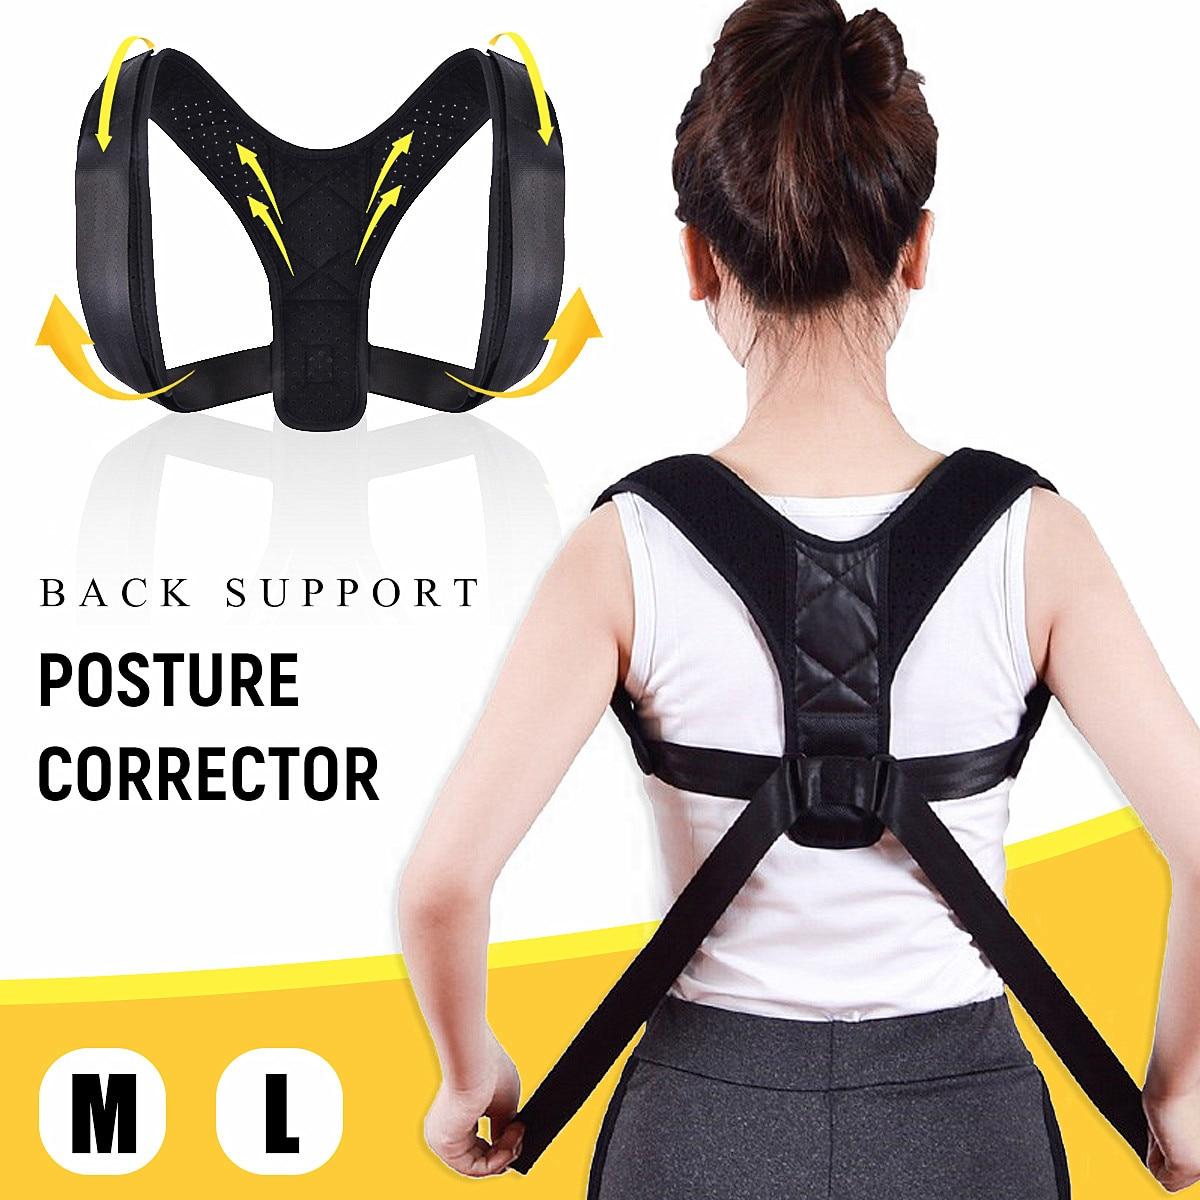 Adjustable Back Posture Corrector Correction Clavicle Spine Back Shoulder Lumbar Brace Support Belt Prevent Slouching M/L